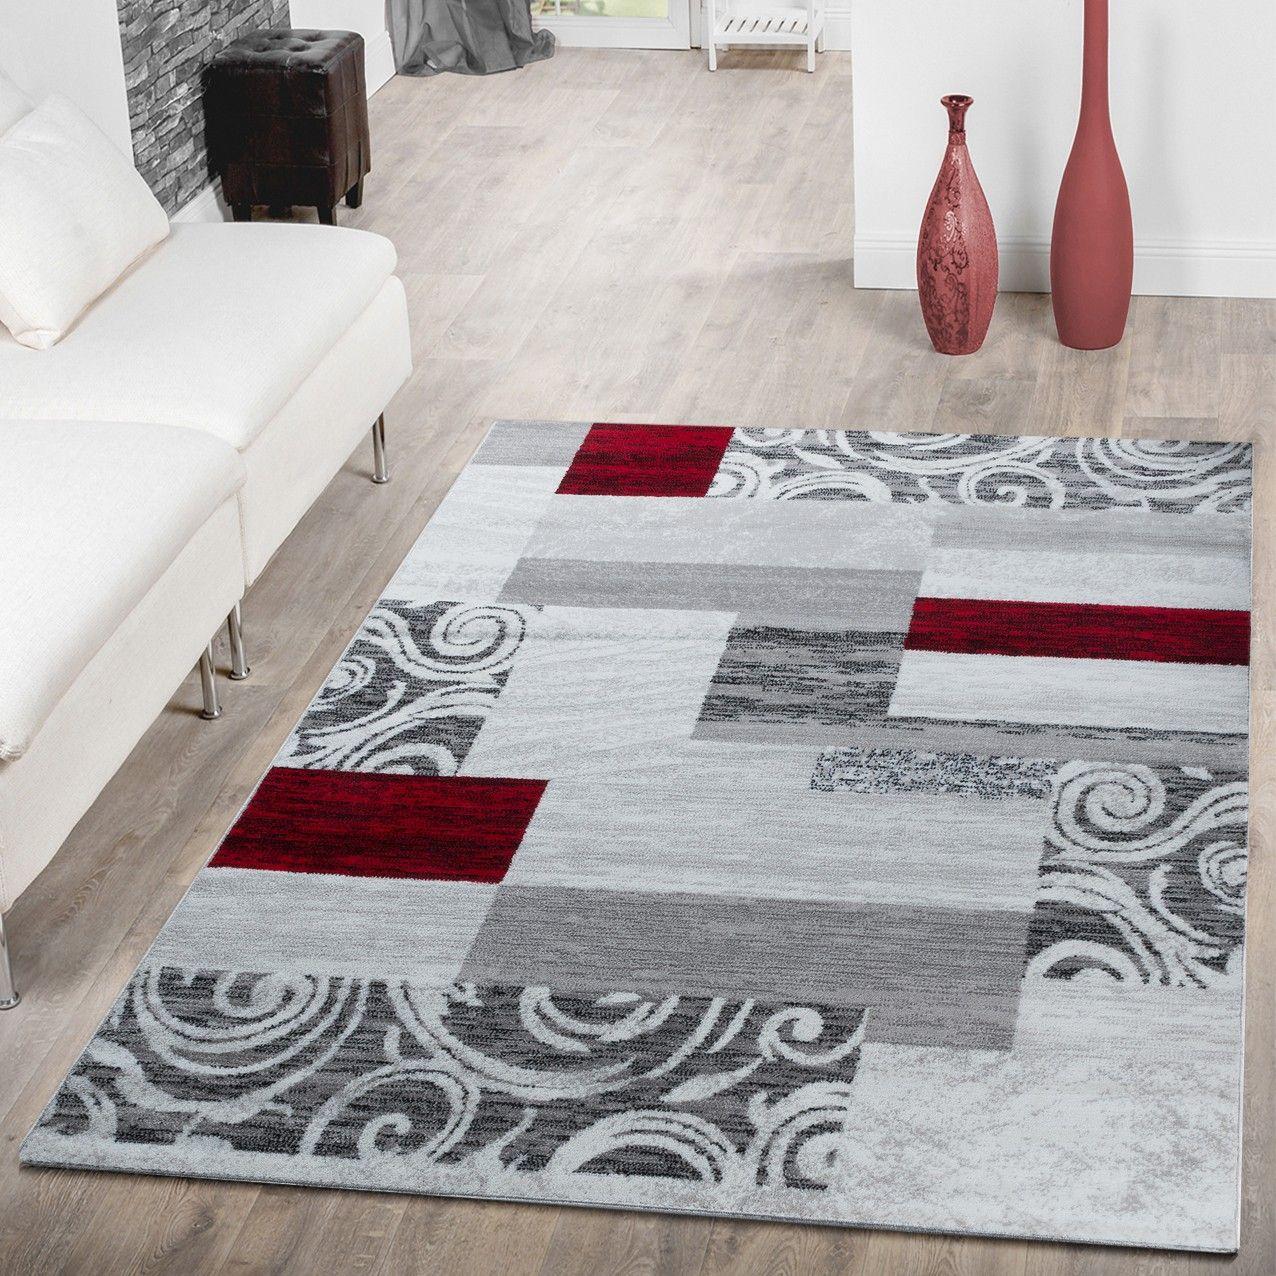 Full Size of Teppich 300400 Gnstig Patchwork Design Modern Küche Schlafzimmer Esstisch Bad Wohnzimmer Teppiche Steinteppich Badezimmer Für Wohnzimmer Teppich 300x400